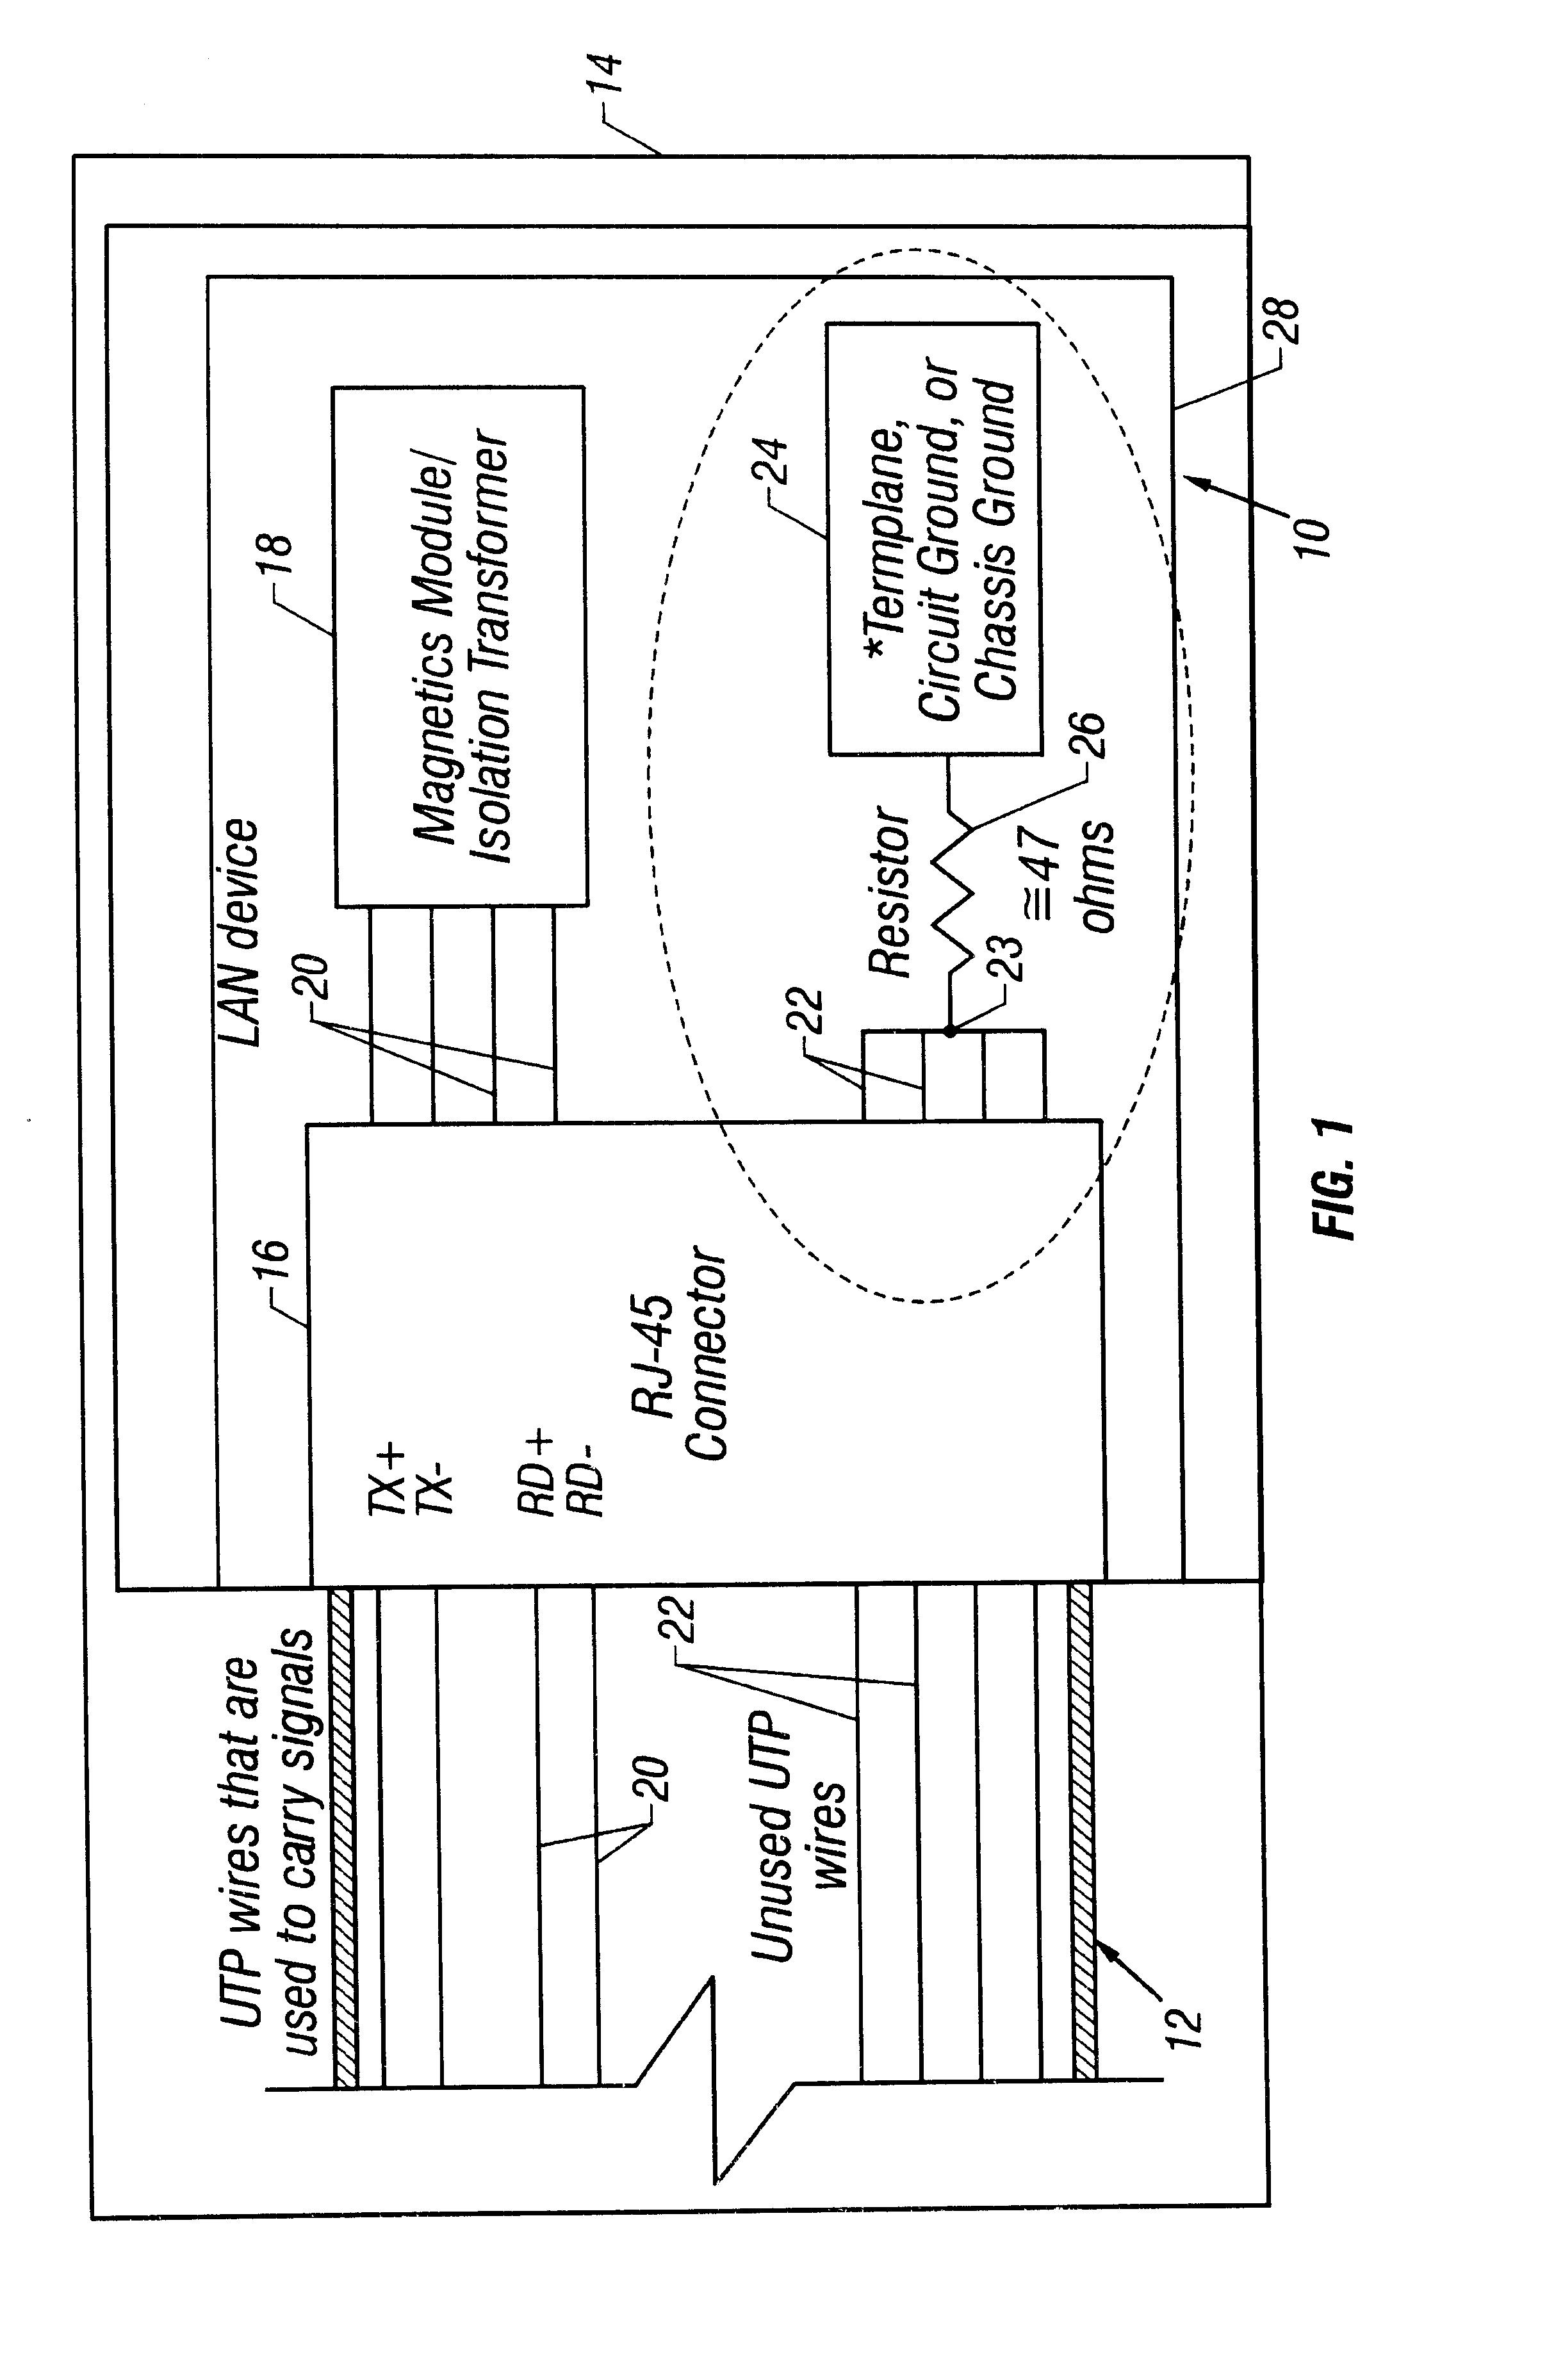 patent us6486746